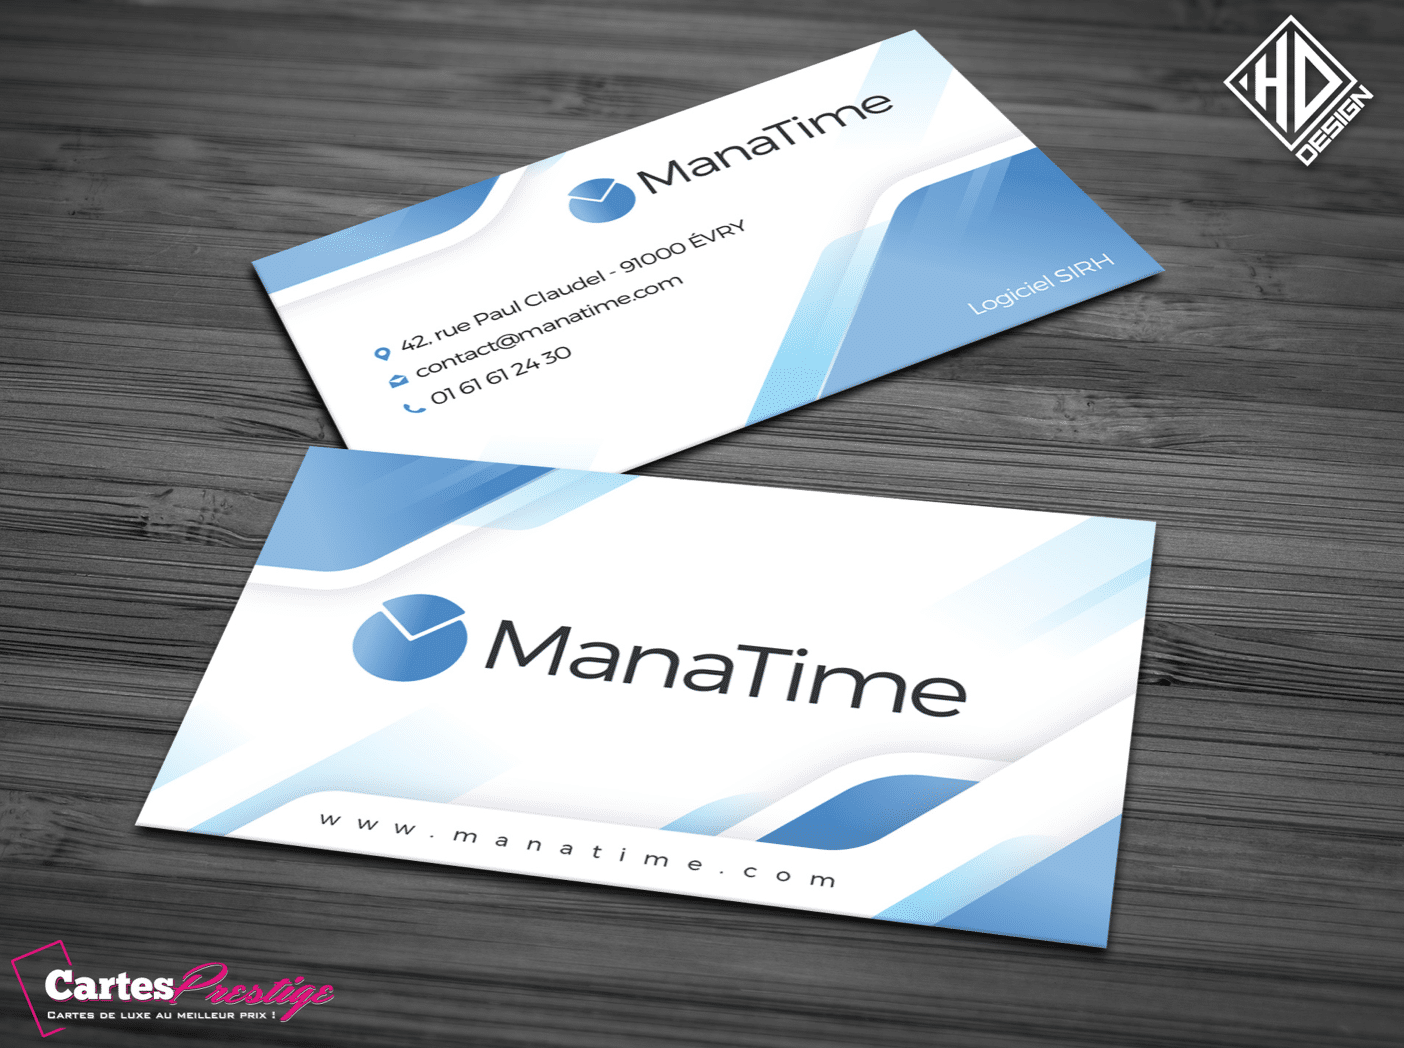 Cartes de visite Manatime